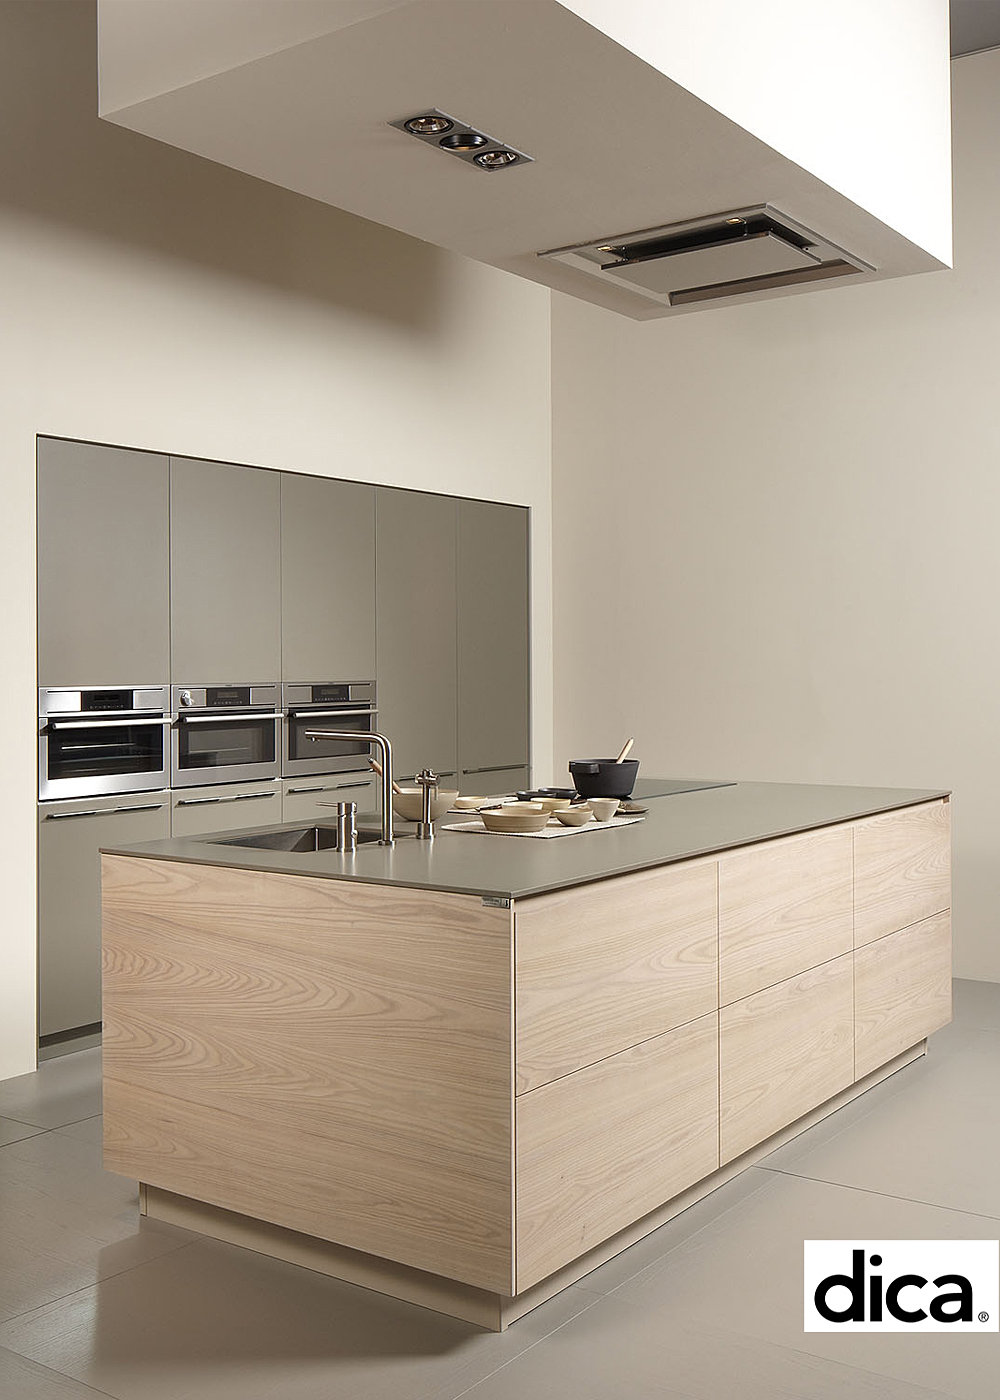 Cocinas ricardo mobiliario de cocina dica for Cocinas dica precios